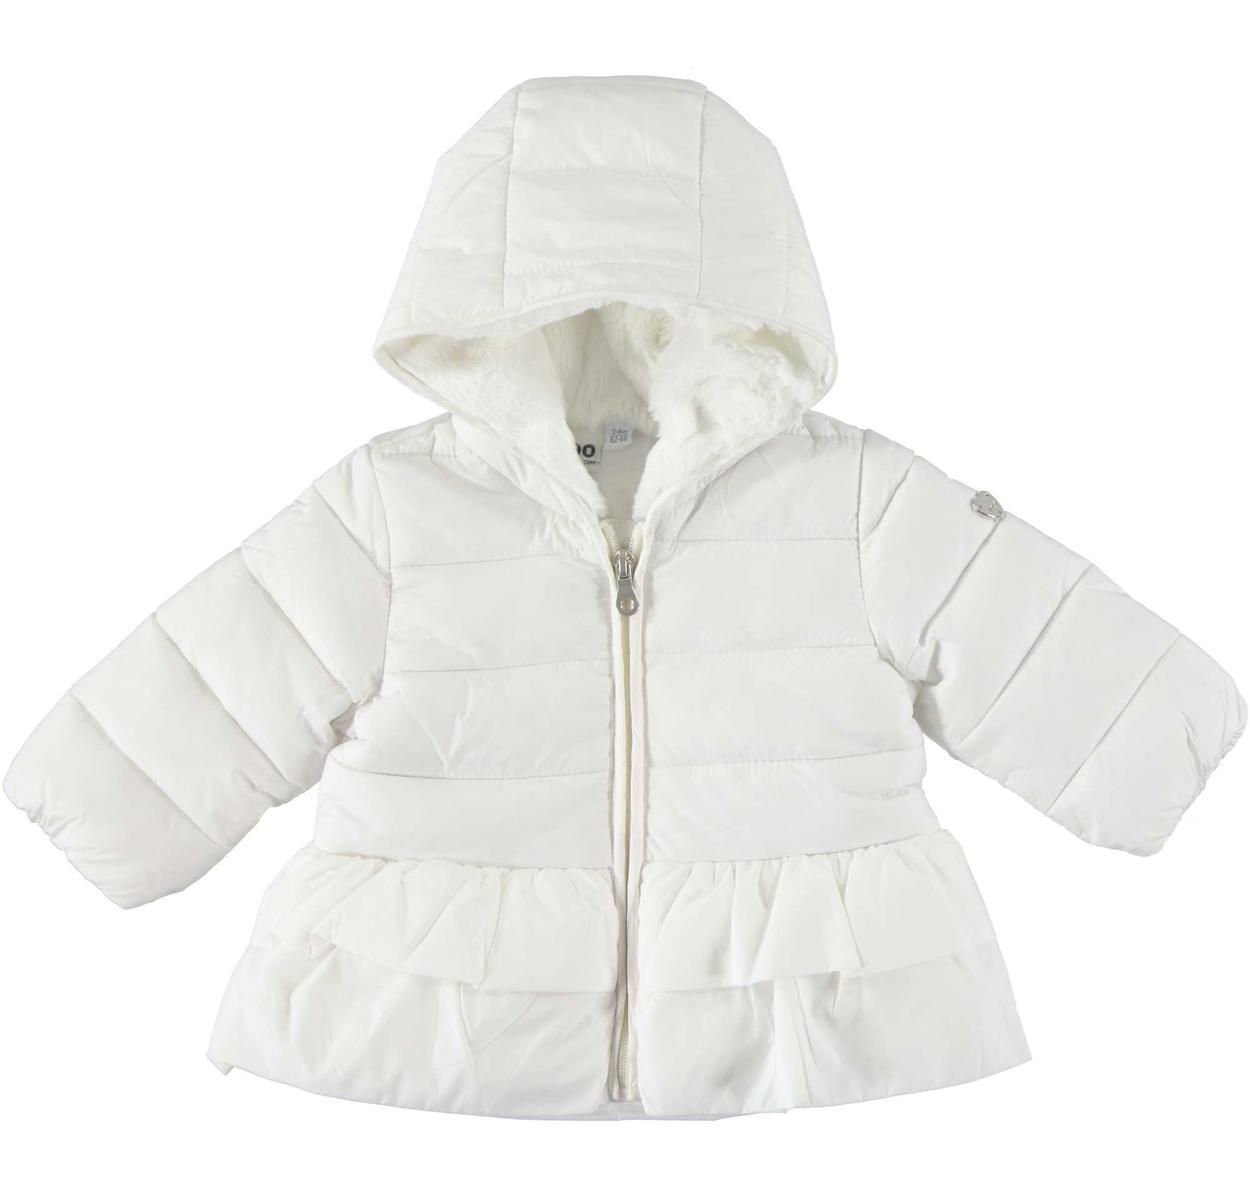 new concept cc844 f86d3 Piumino invernale trapuntato in caldo nylon per neonata da 0 a 18 mesi iDO